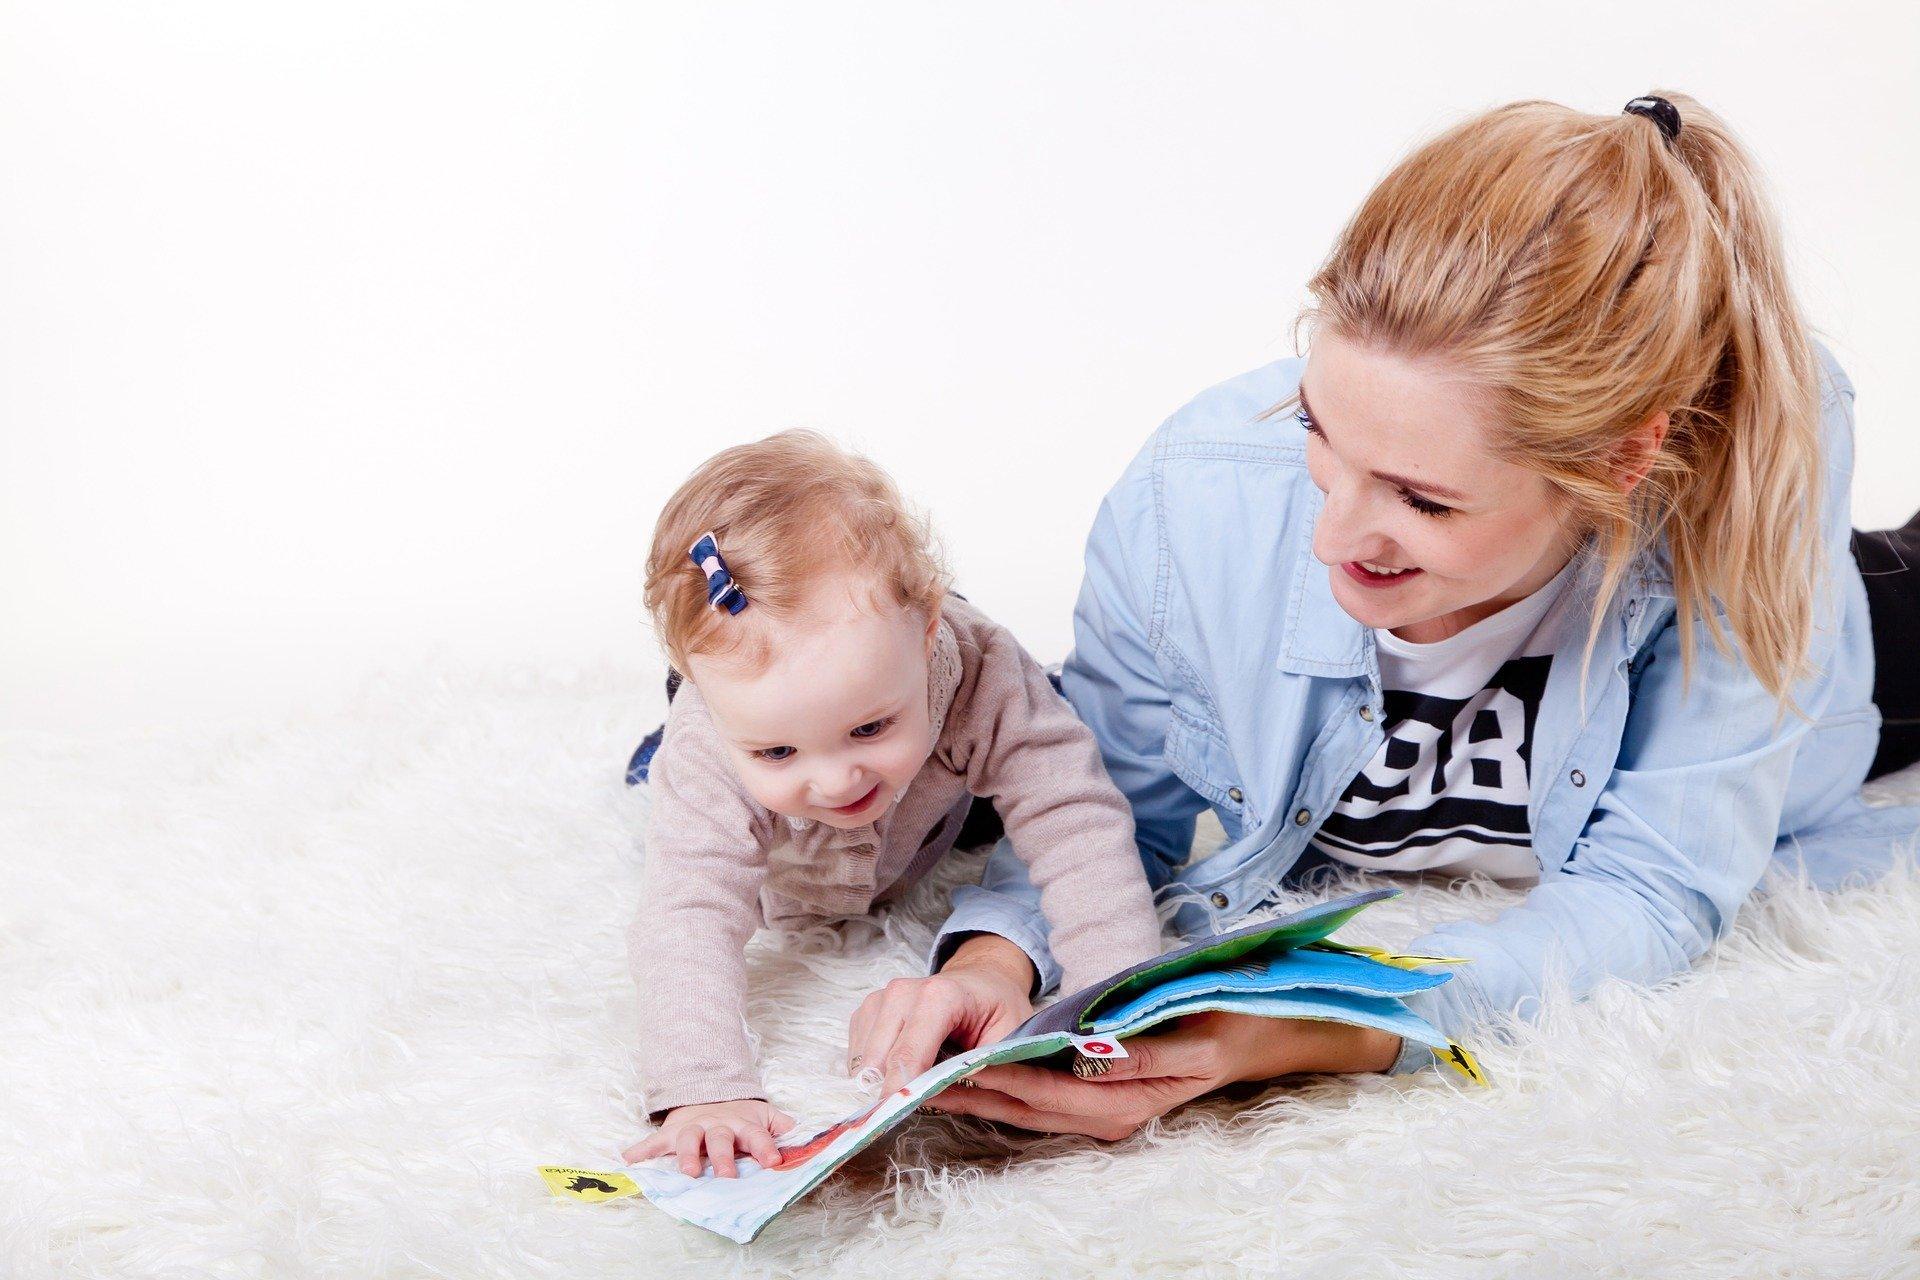 Il congedo parentale straordinario è stato introdotto dal Decreto Cura Italia, Decreto Legge 17 marzo 2020, n. 18, per supportare i lavoratori con figli durante il periodo di emergenza Coronavirus. Il congedo parentale straordinario può essere fruito dai genitori lavoratori con figli fino ai 12 anni di età e viene retribuito al 50% dello stipendio percepito. Il congedo parentale ordinario invece viene retribuito al 30%. Possono fruirne anche i genitori con figli di età compresa tra i 12 e i 16 anni ma senza poter beneficiare della retribuzione. Vediamo insieme a chi spetta e come funziona il congedo parentale straordinario e chi non può richiederlo. Come funziona il congedo parentale straordinario Il congedo parentale straordinario spetta durante il periodo di emergenza sanitaria da Coronavirus ai lavoratori dipendenti del settore pubblico, statale e privato e ai lavoratori autonomi. Vediamo insieme come fruire del congedo parentale straordinario: • Può essere fruito da entrambi i genitori ma in giorni differenti e nel limite di 15 giorni sia singolarmente che in coppia; • Può essere fruito anche di sabato e domenica; • Possono richiederlo anche i lavoratori che hanno utilizzato tutti i giorni di congedo parentale ordinario; • È possibile utilizzarlo a giornate e non ad ore; • I genitori con figli di età compresa tra i 12 e 16 anni possono richiedere il congedo al datore di lavoro, ma senza poter beneficiare della retribuzione; • Possono accedervi anche i genitori che lavorano in modalità smart working; • È coperto da contribuzione figurativa. Chi non può richiedere il congedo parentale straordinario Il congedo parentale straordinario non può essere richiesto se: • È stato richiesto il bonus baby sitting. Il congedo straordinario e il bonus baby sitting non sono cumulabili; • Uno dei due genitori è disoccupato o usufruisce già di agevolazioni o bonus a sostegno del reddito; • Se un genitore utilizza l'estinzione dei permessi per legge 104, l'altro genitore non può r